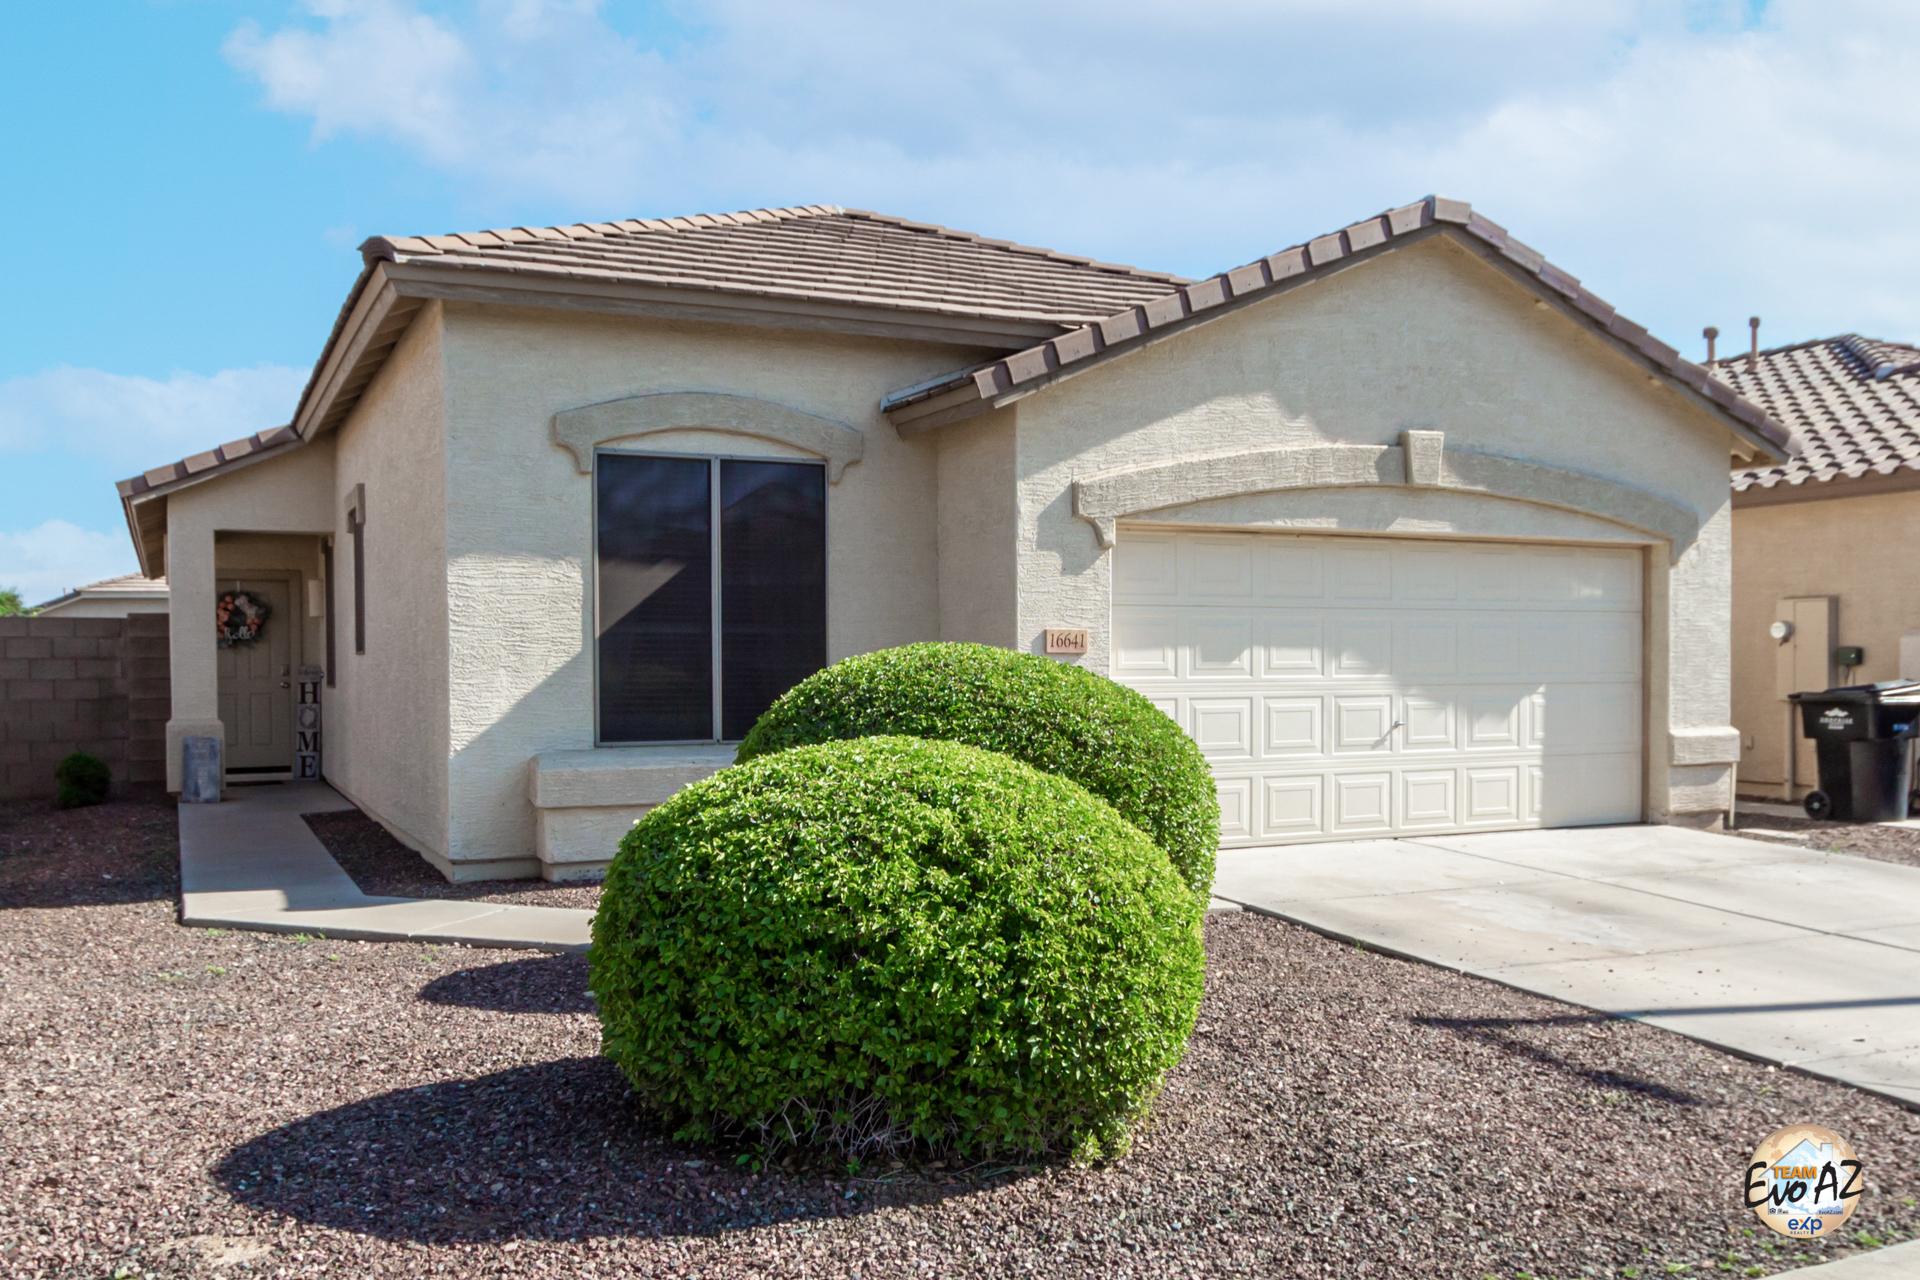 16641 N 169th Ave, Surprise, AZ 85388